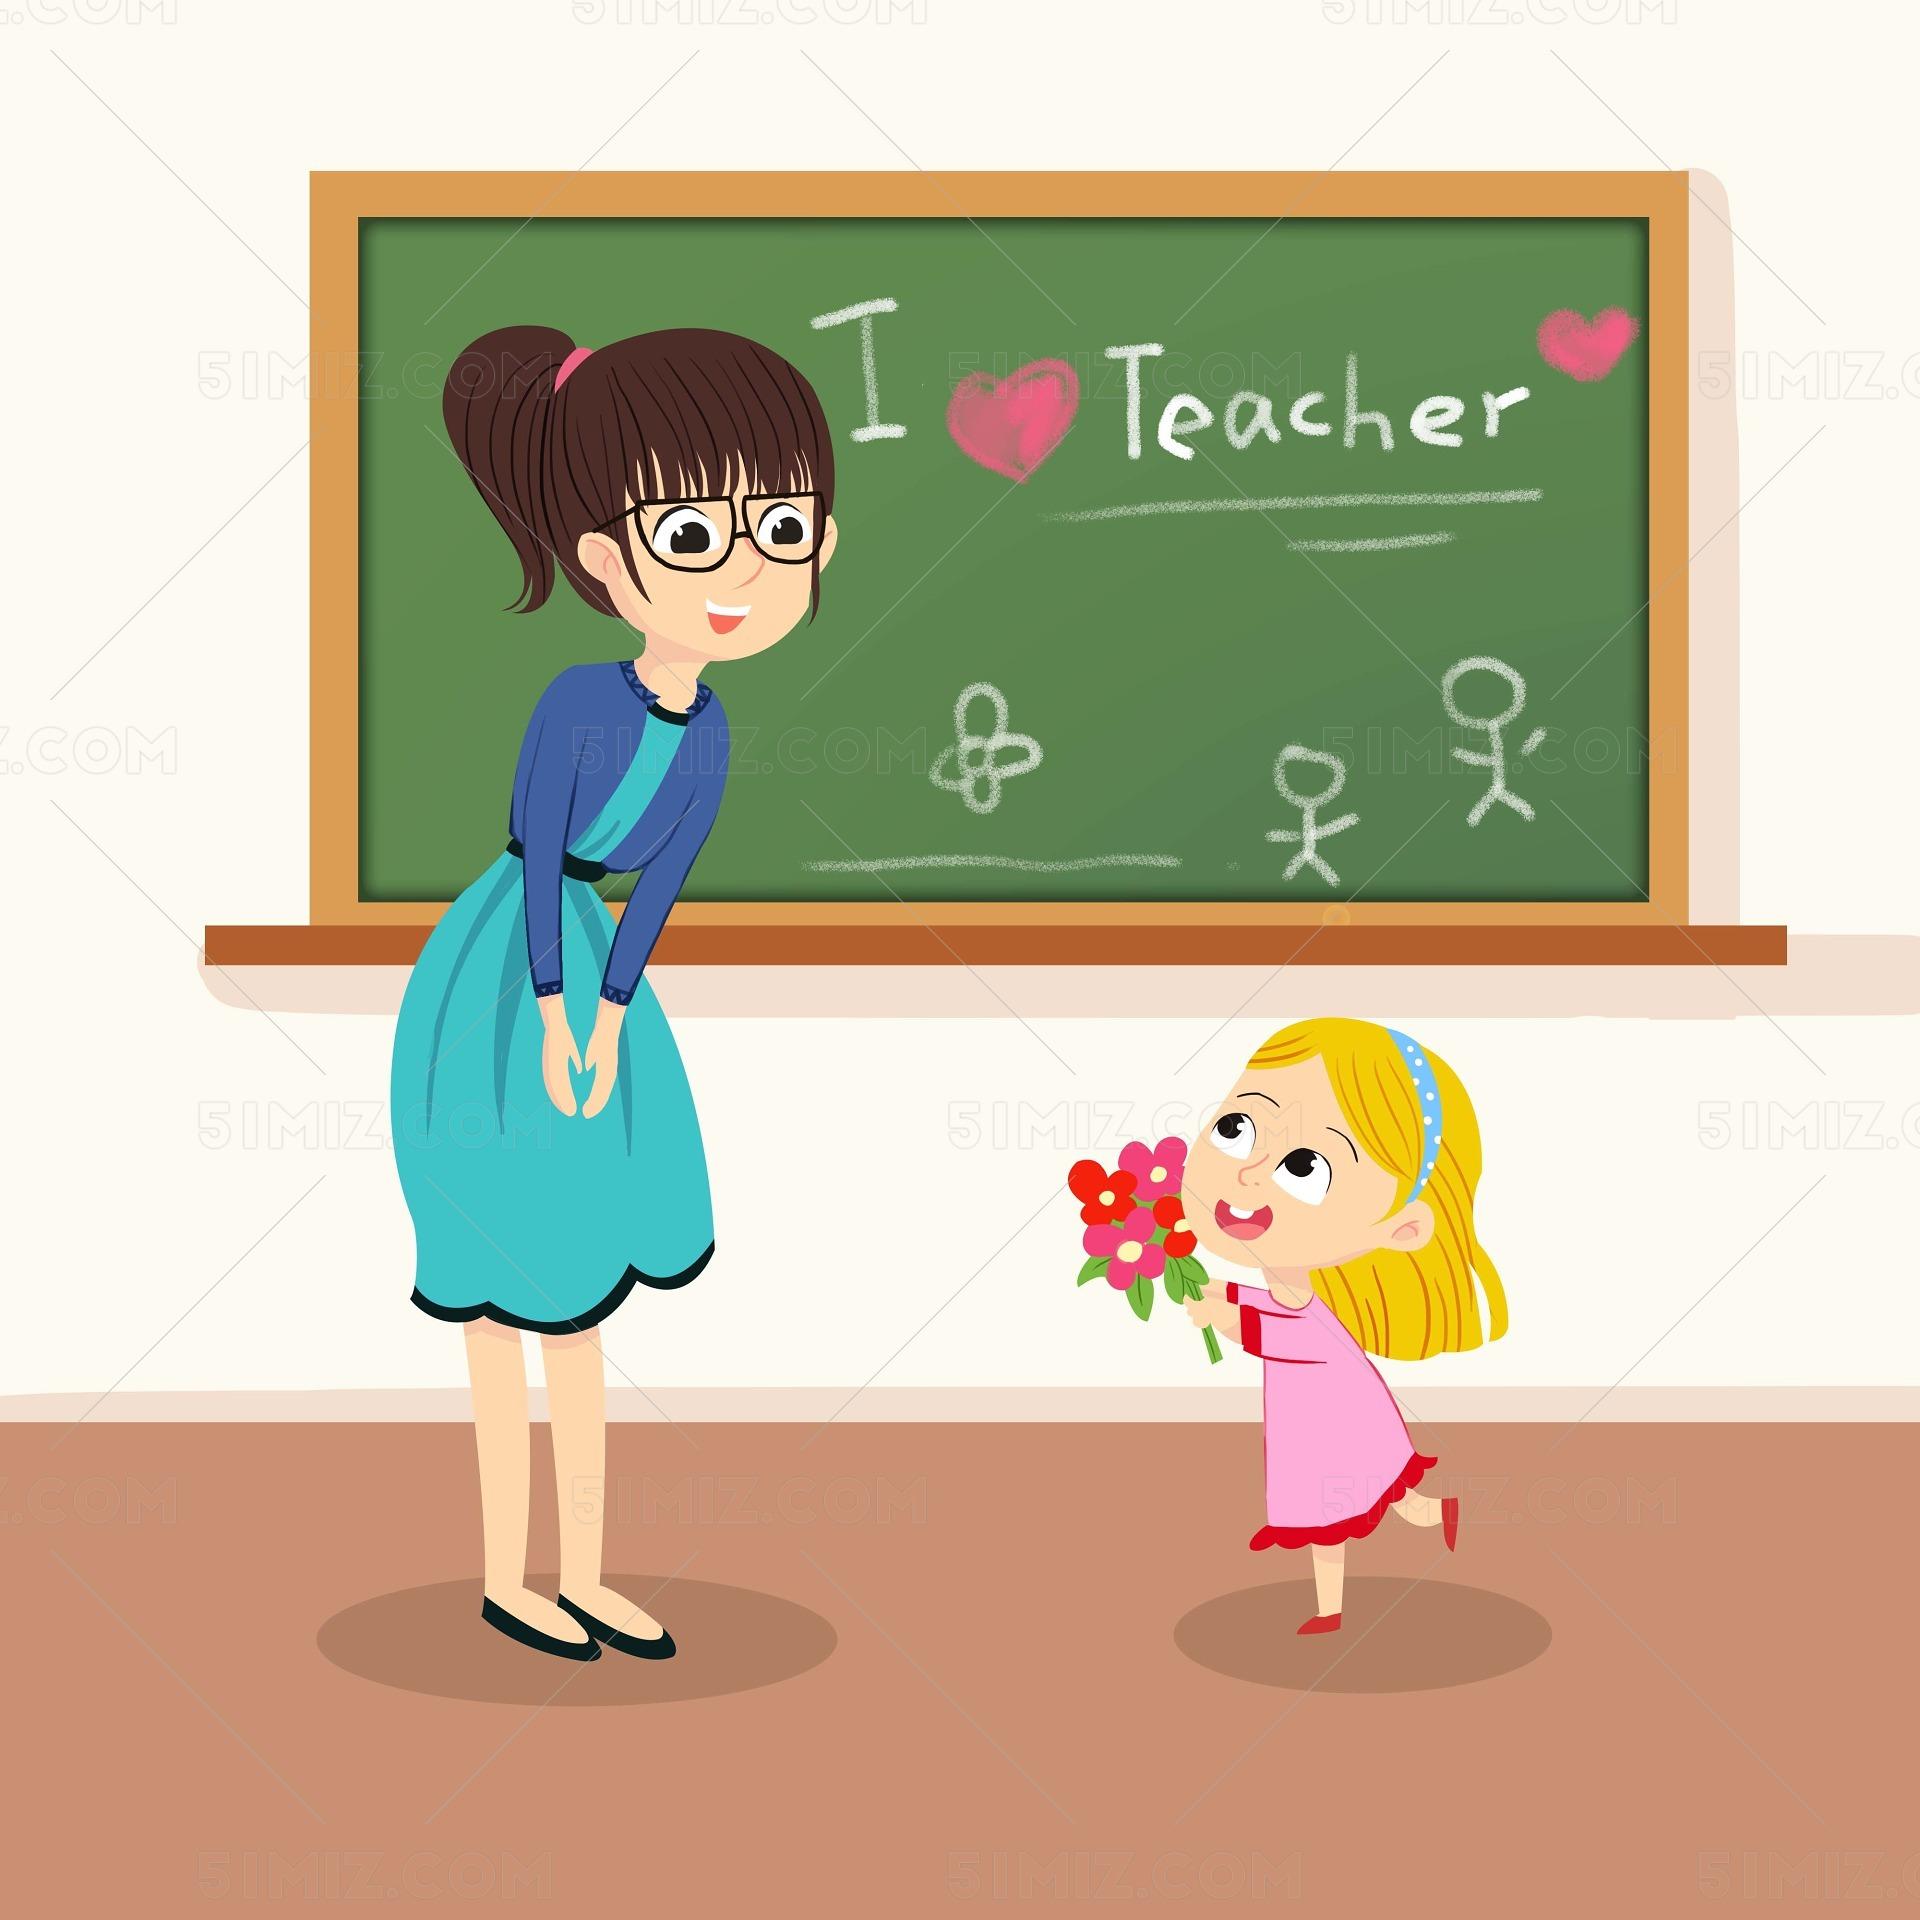 教師節學生給老師送花圖片素材免費下載 - 覓知網